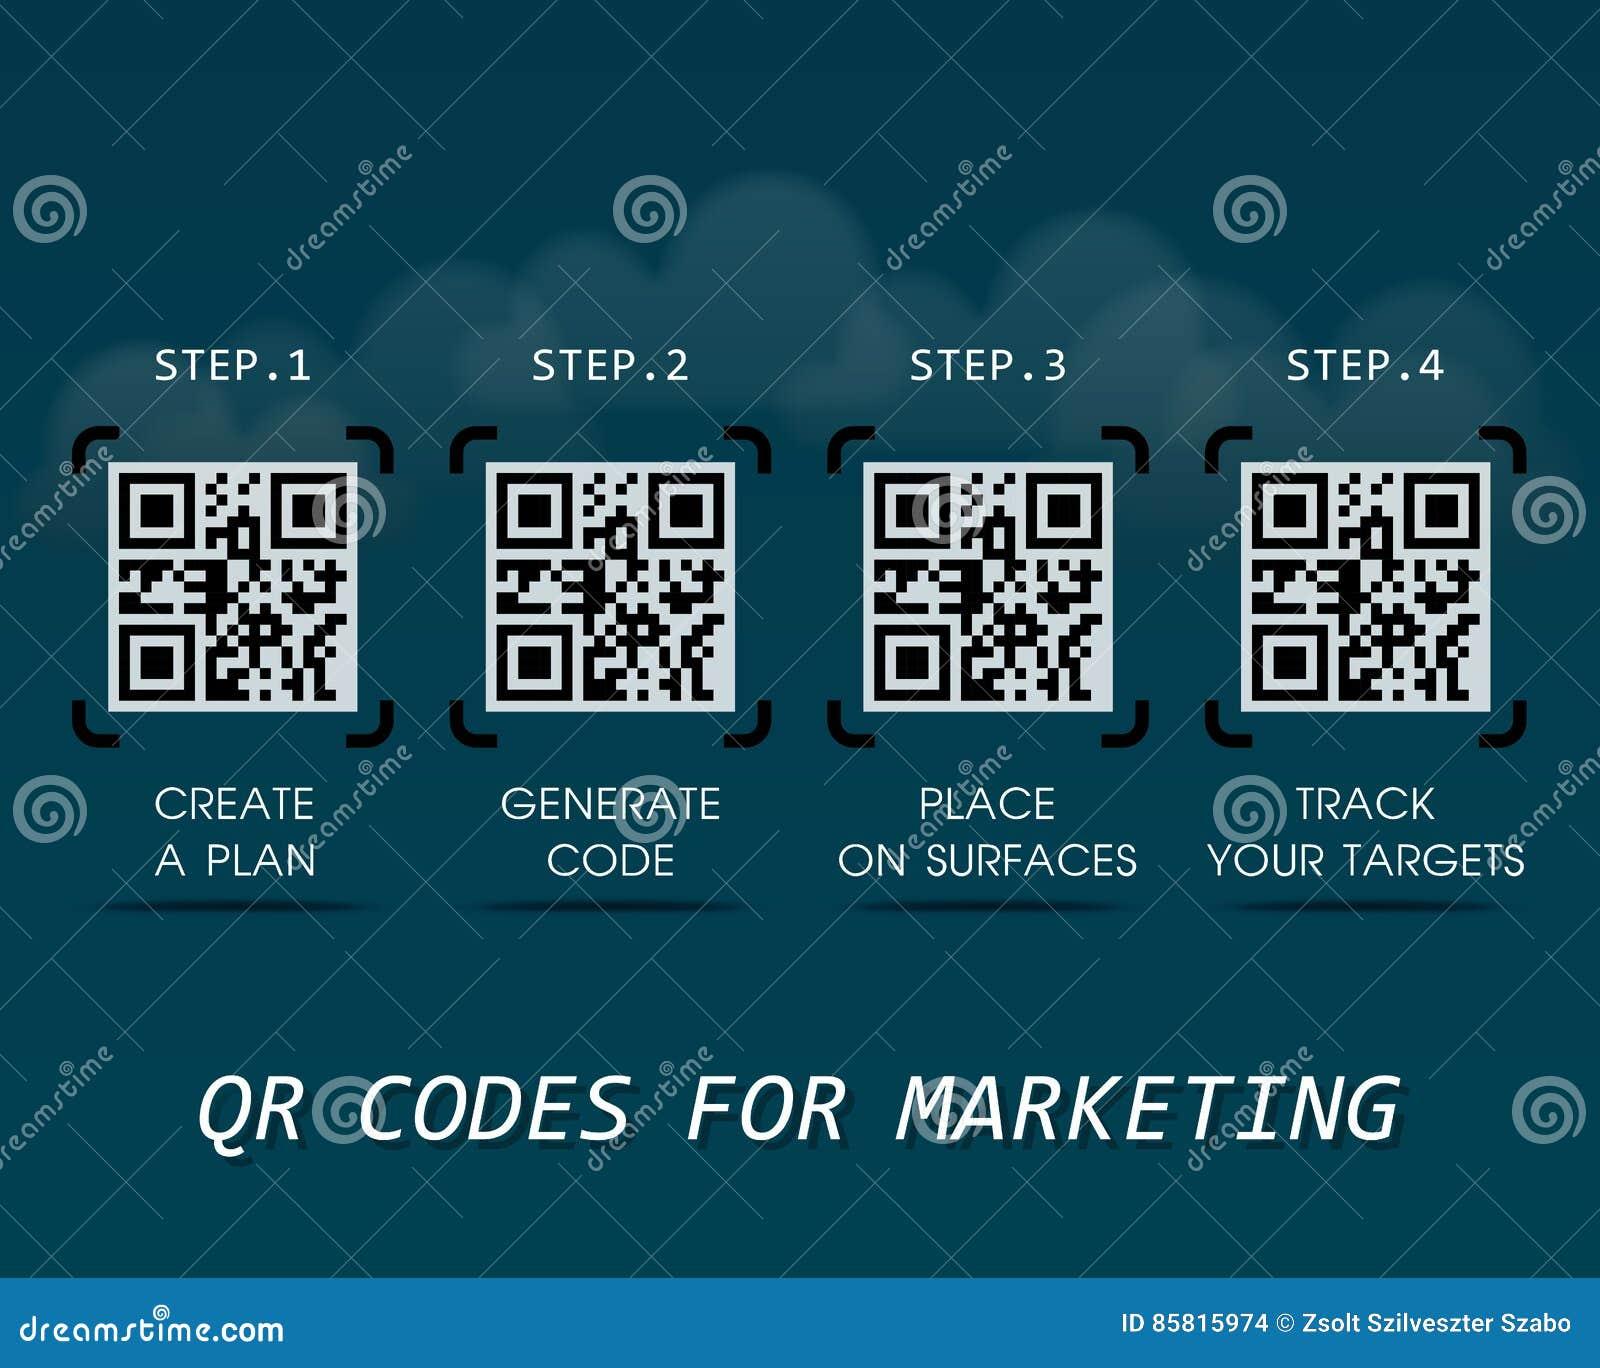 Códigos De QR Para - Los Primeros Pasos A Comenzar A Usar Los ...